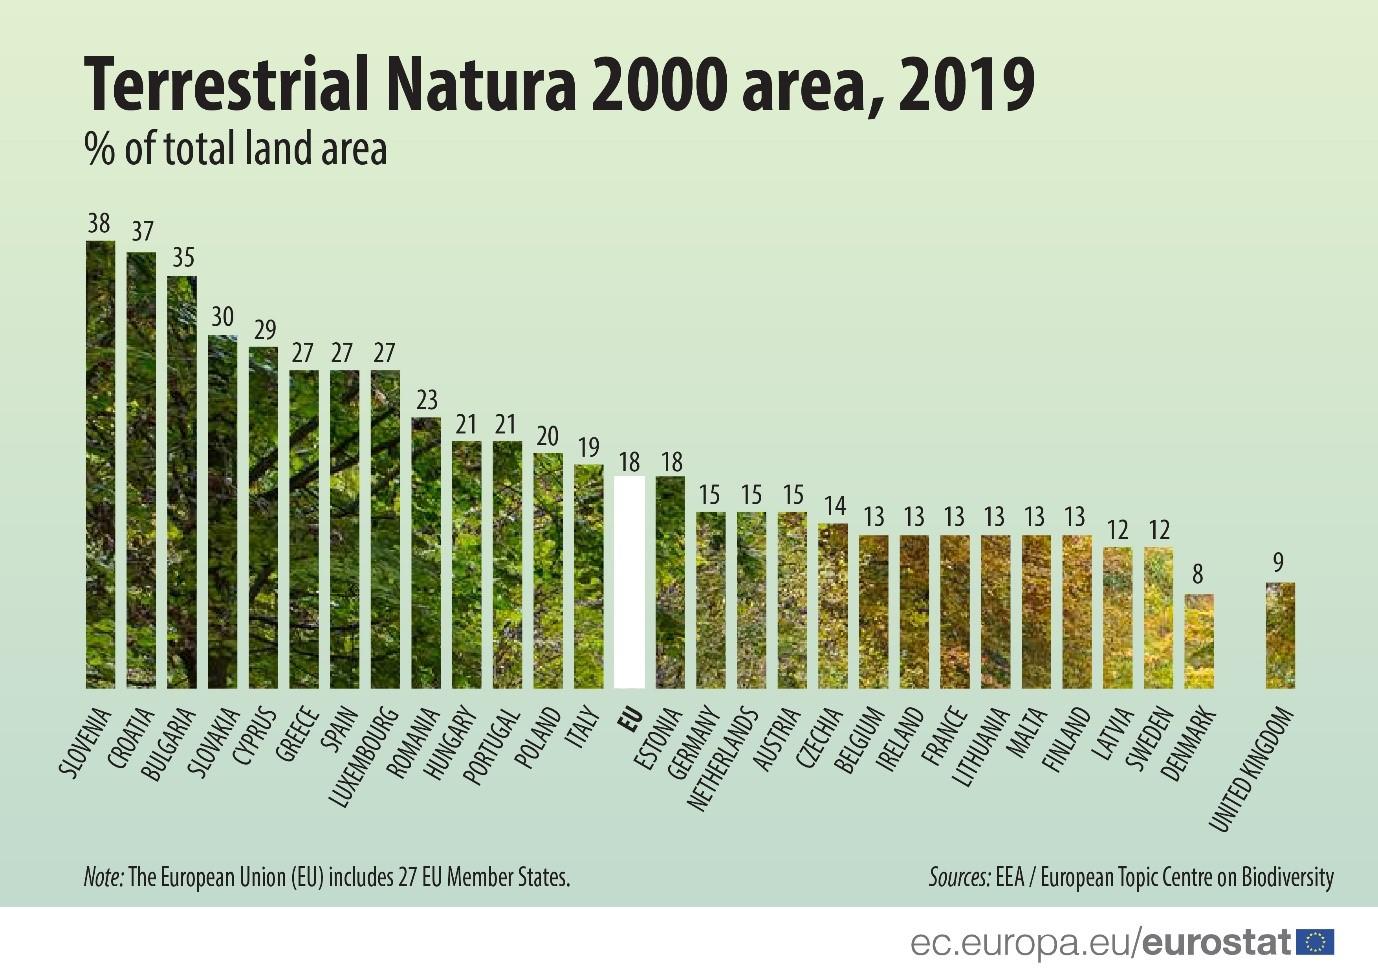 Terrestrial Natura 2000 area, 2019